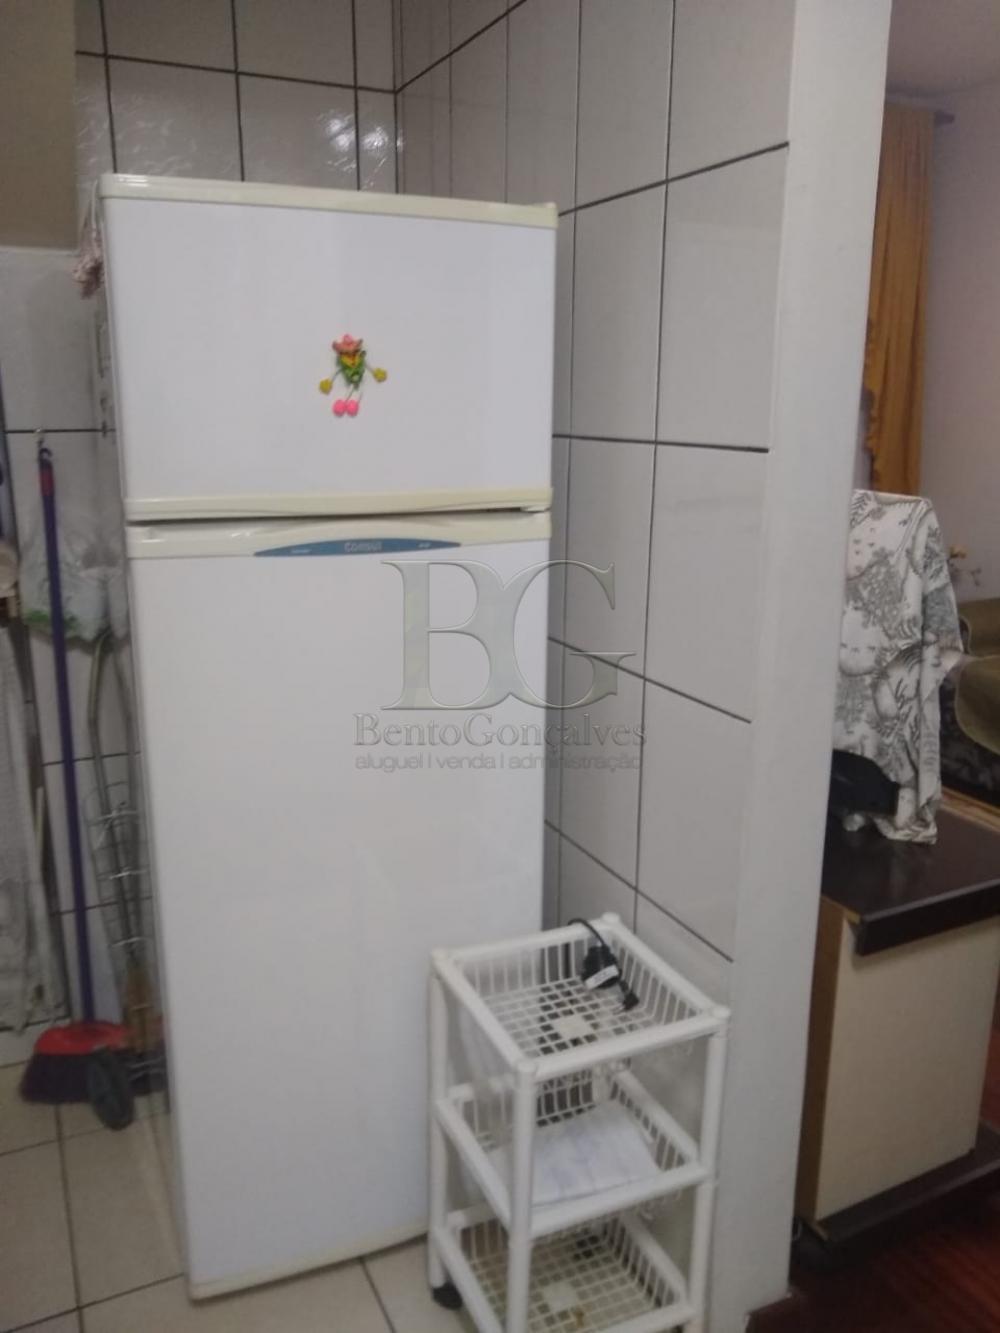 Comprar Apartamentos / Predio comercial e Residencial em Poços de Caldas apenas R$ 400.000,00 - Foto 4